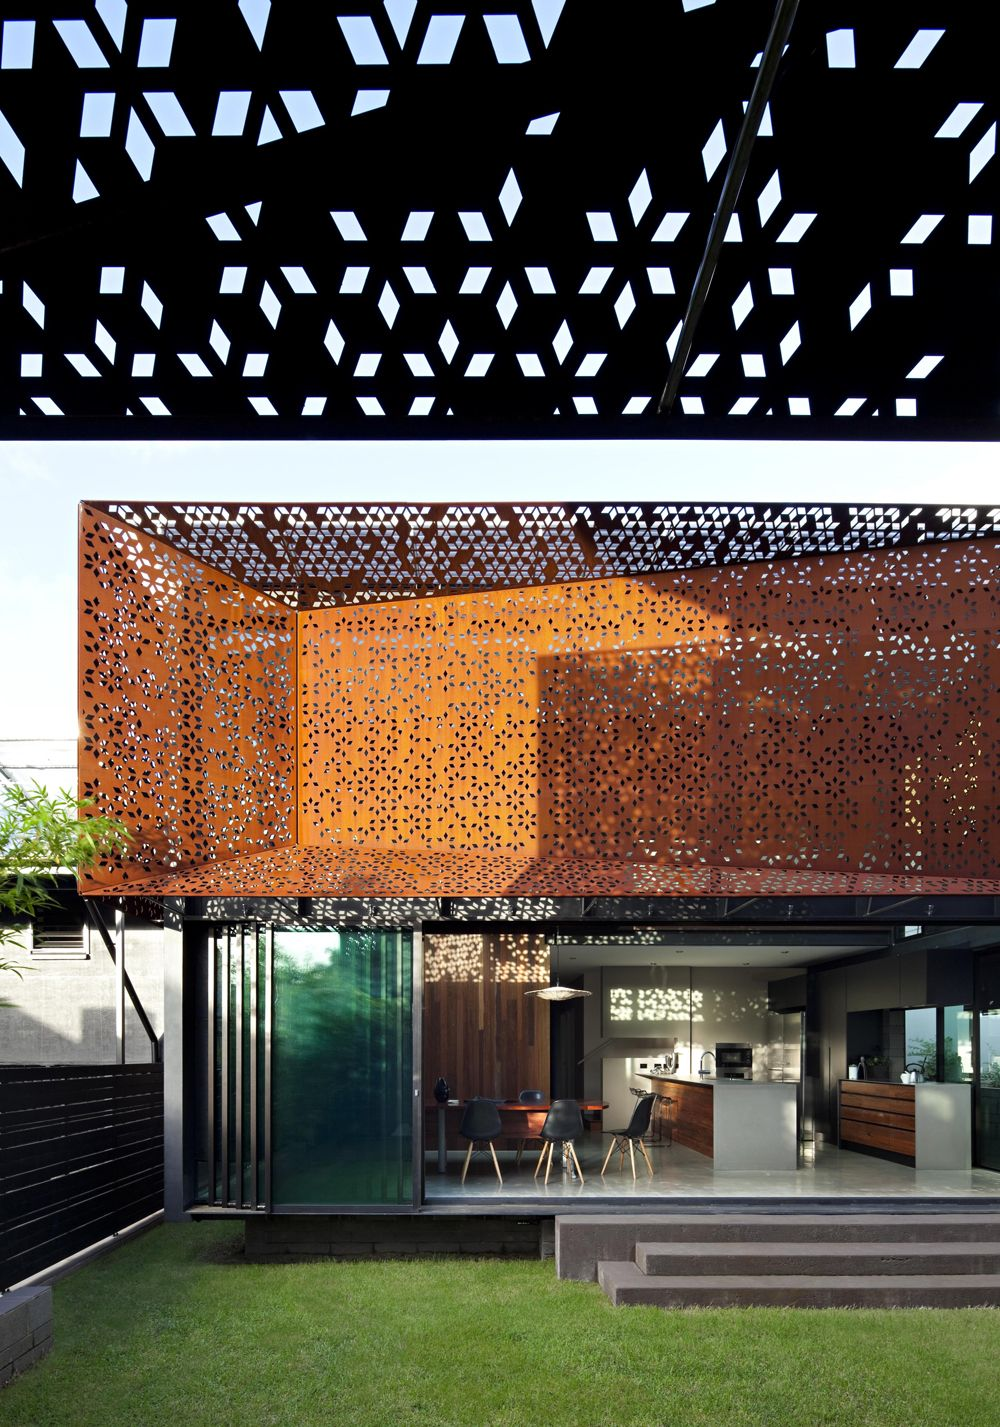 Screens | _tskba | Pinterest | Baumhaus, Gebäude Und Bildschirme Glas Fassade Spiegelfassade Baumhaus